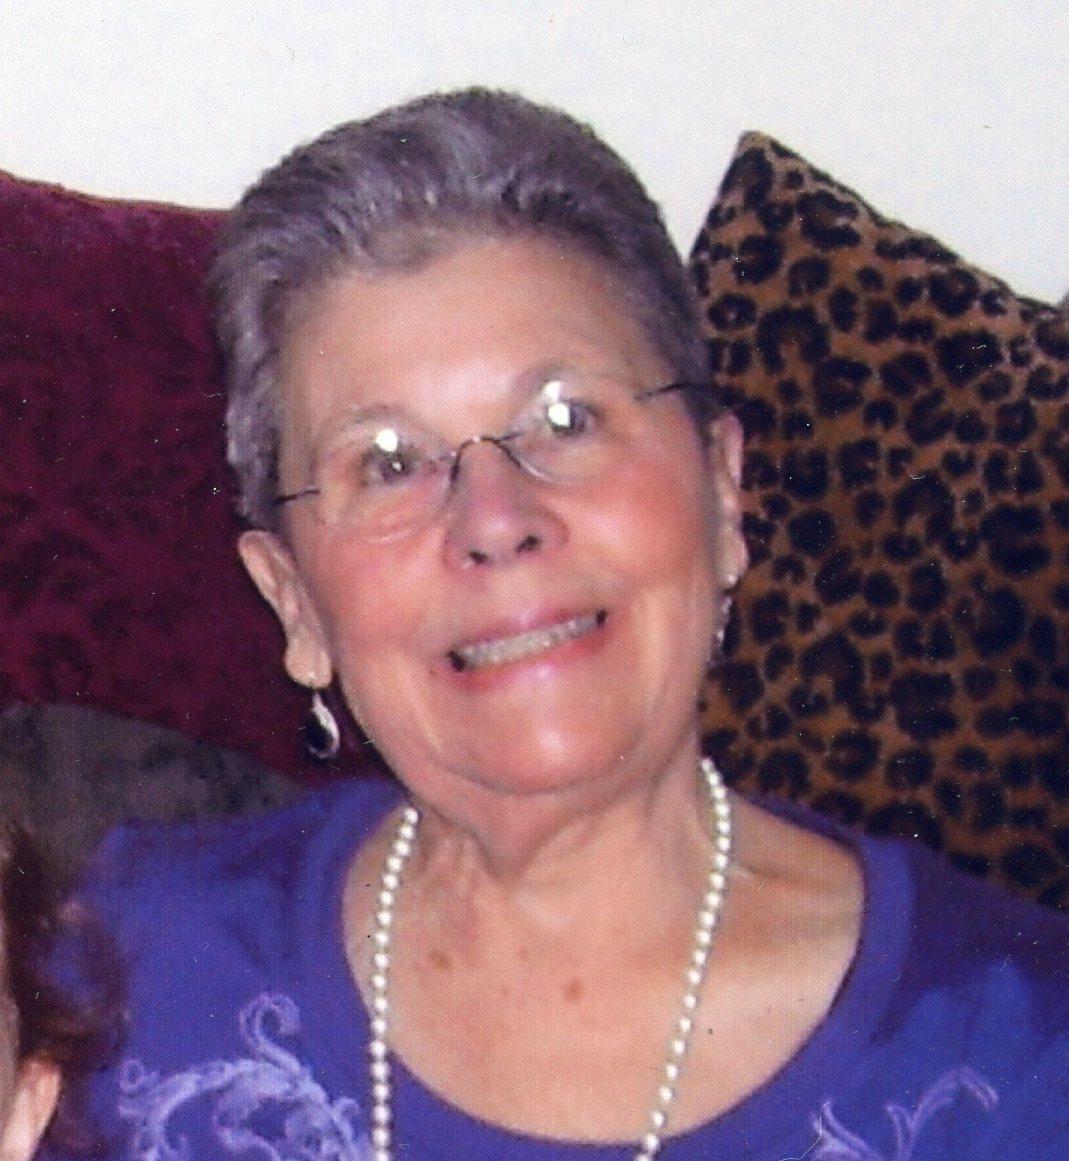 Rosemary Benson